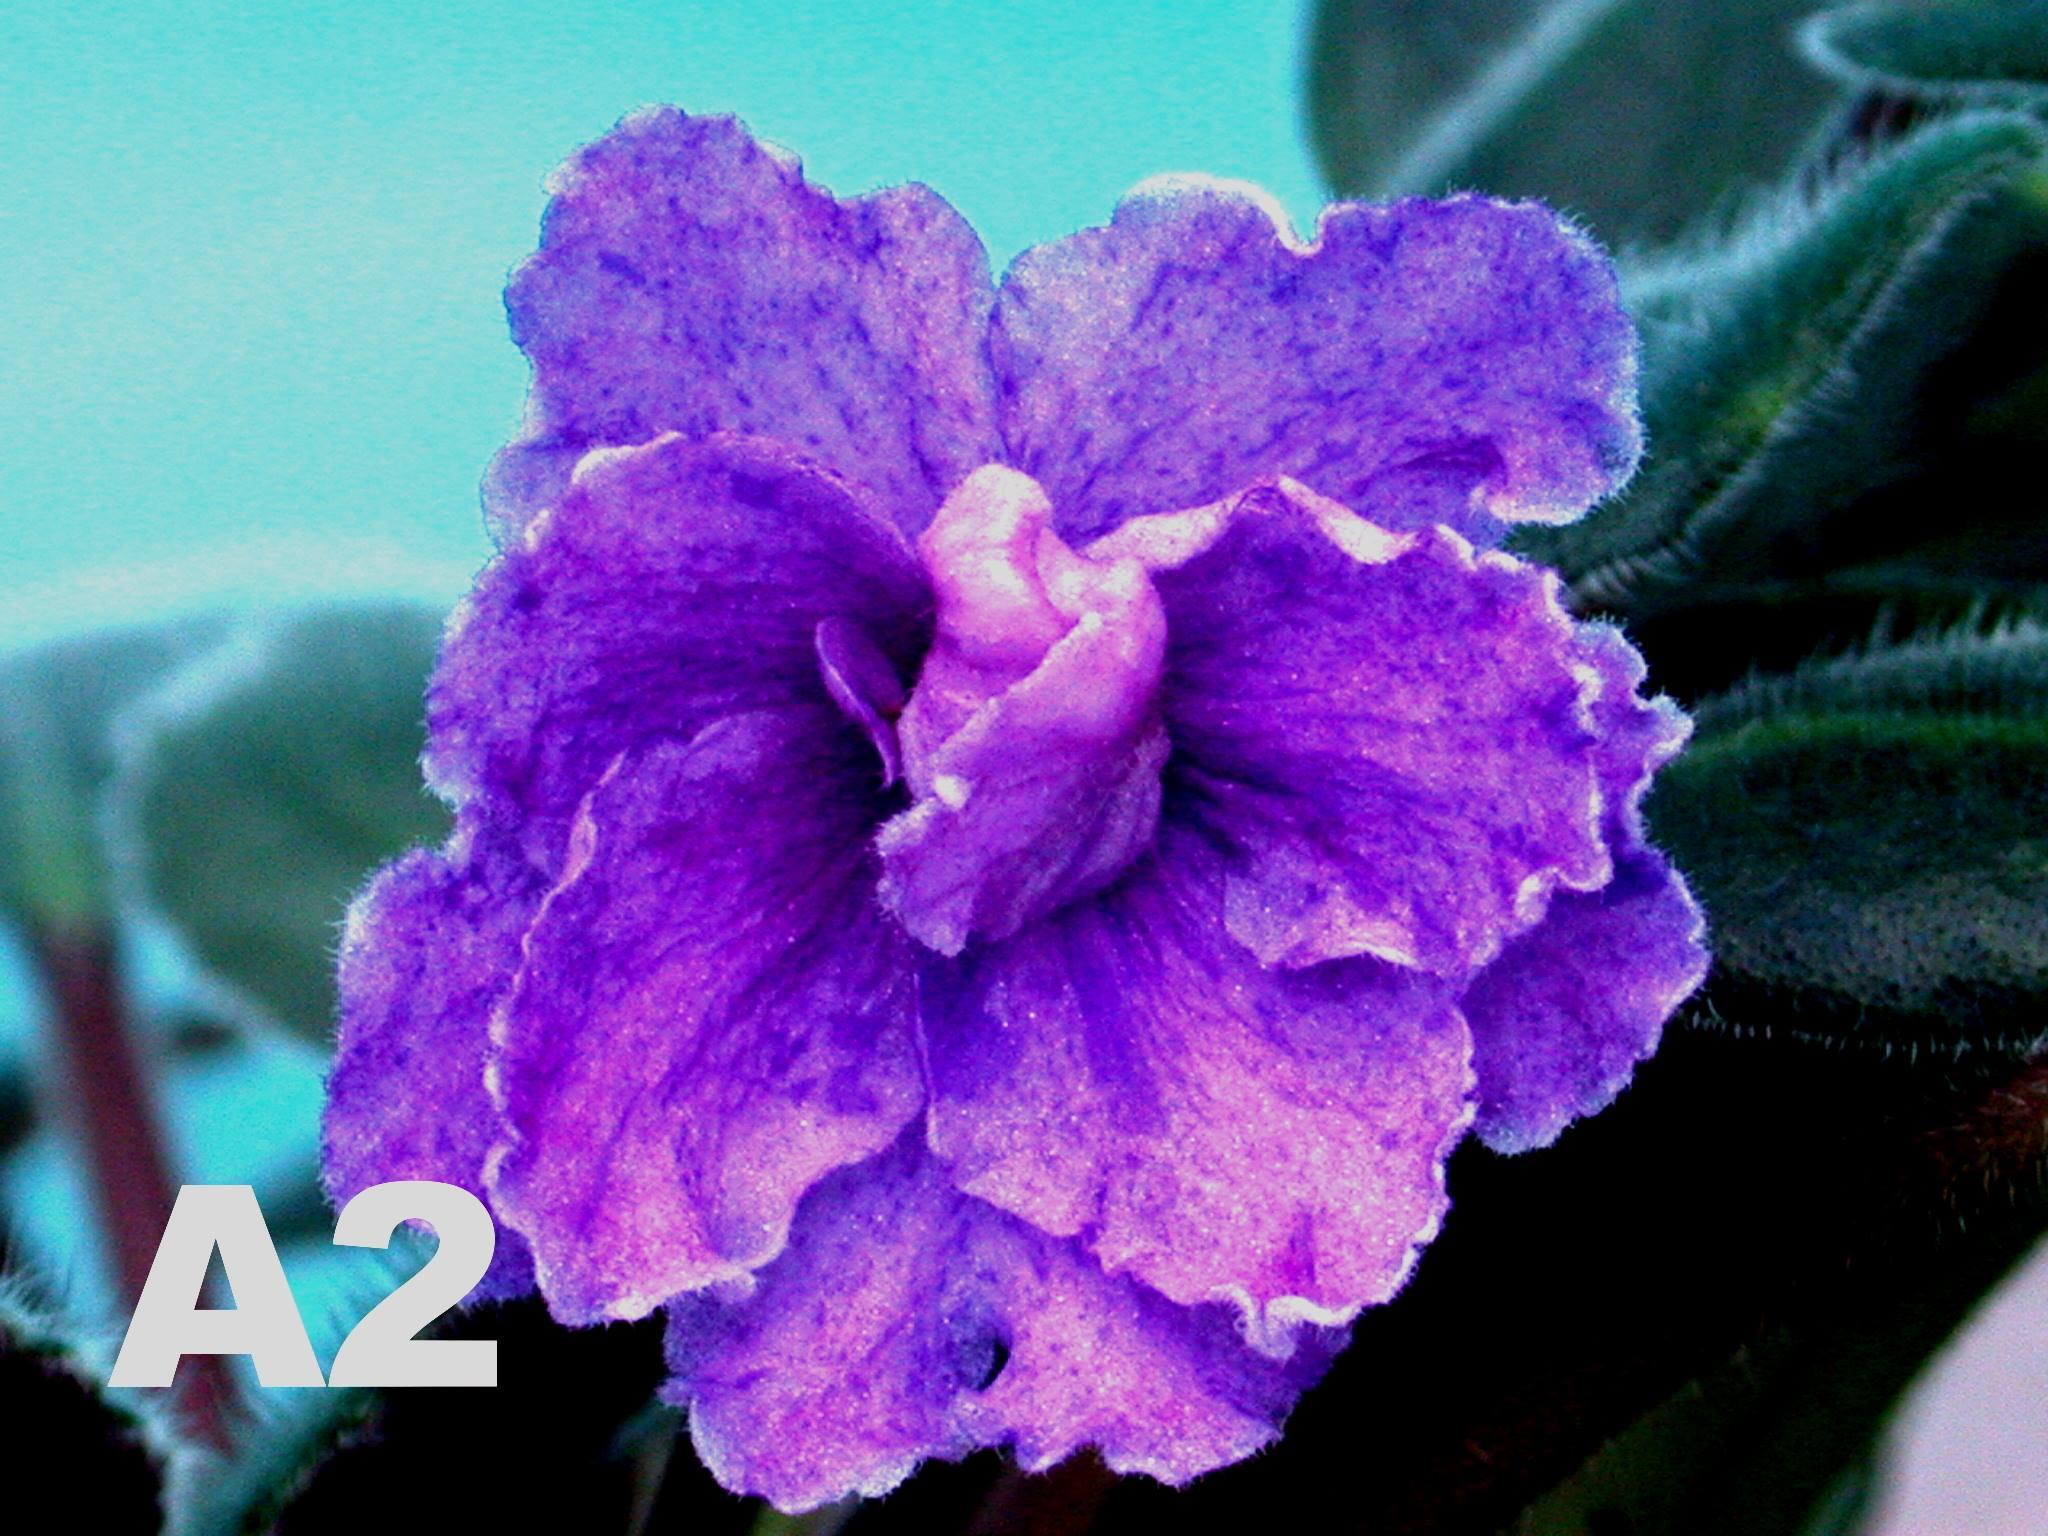 非洲紫羅蘭名錄 | African Violets Catalogue - A系列 A2